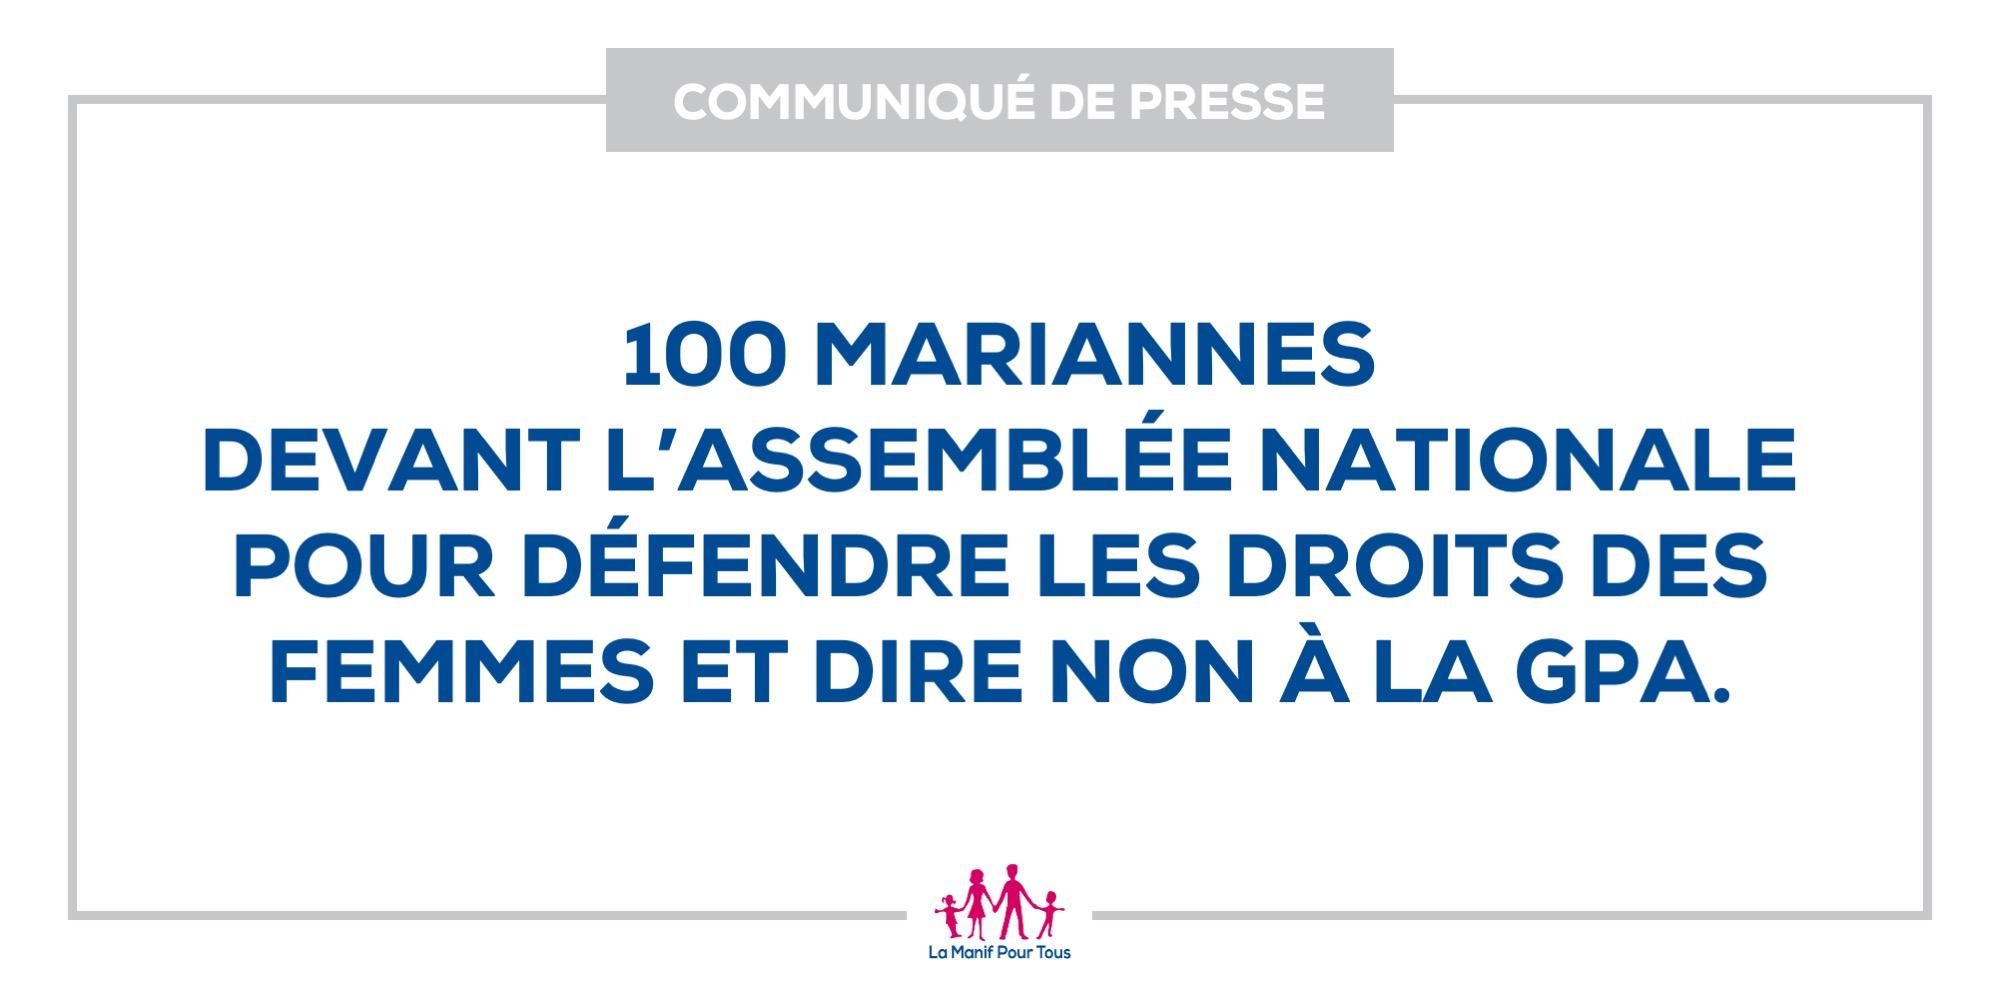 Image - 100 Mariannes devant l'Assemblée nationale pour défendre les droits des femmes et dire non à la GPA.